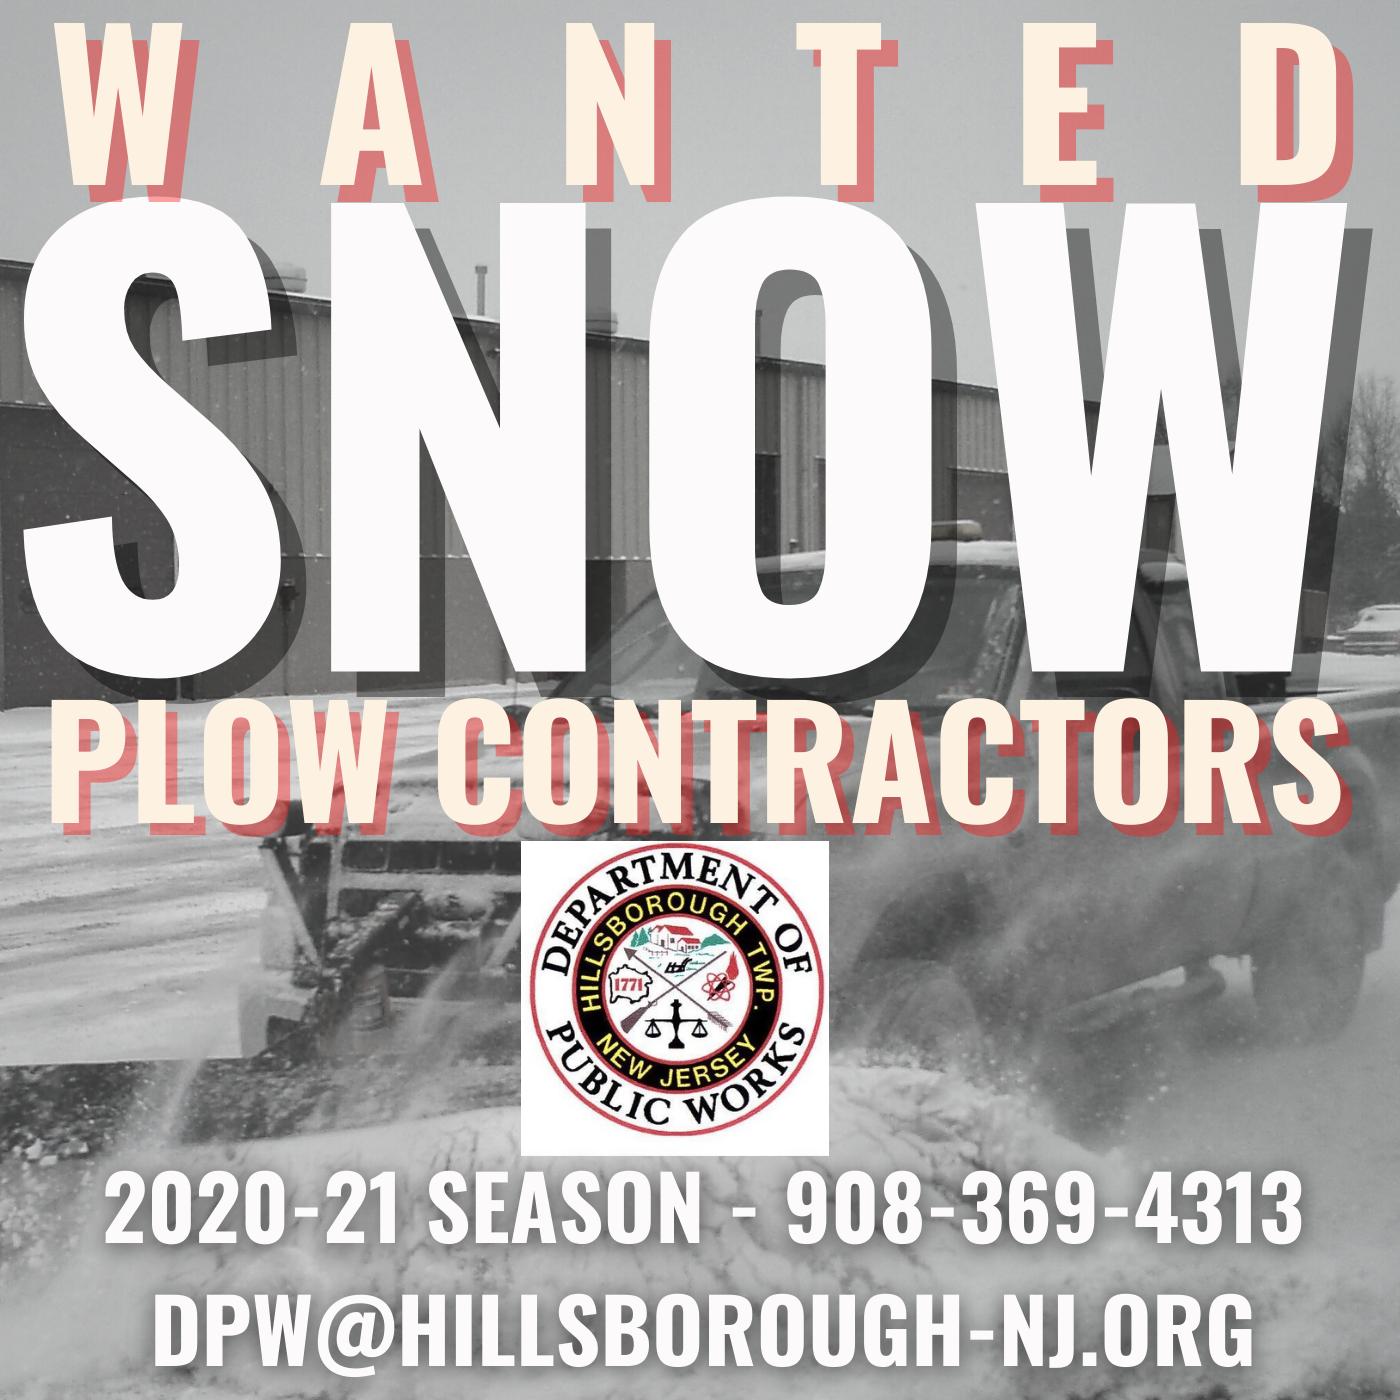 Hillsborough New Jersey - Snowplow Contractors Wanted